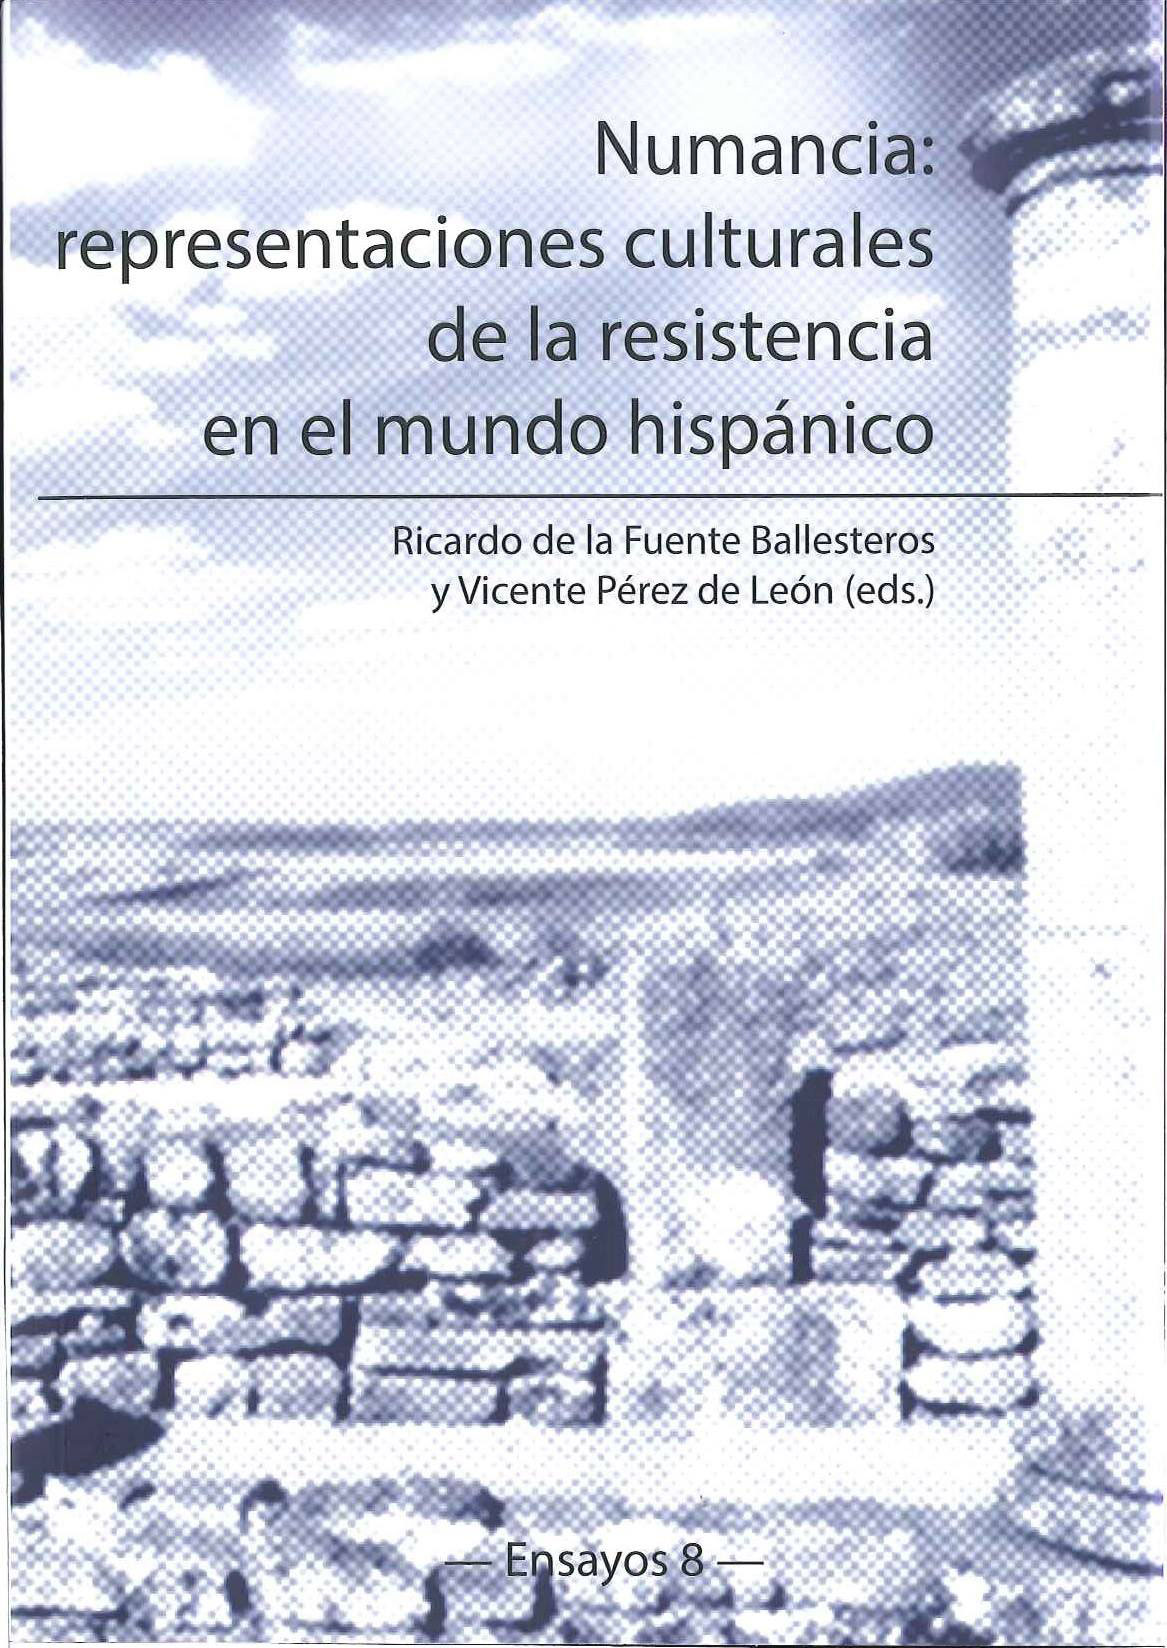 Numancia: representaciones culturales de la resistencia en el mundo hispánico